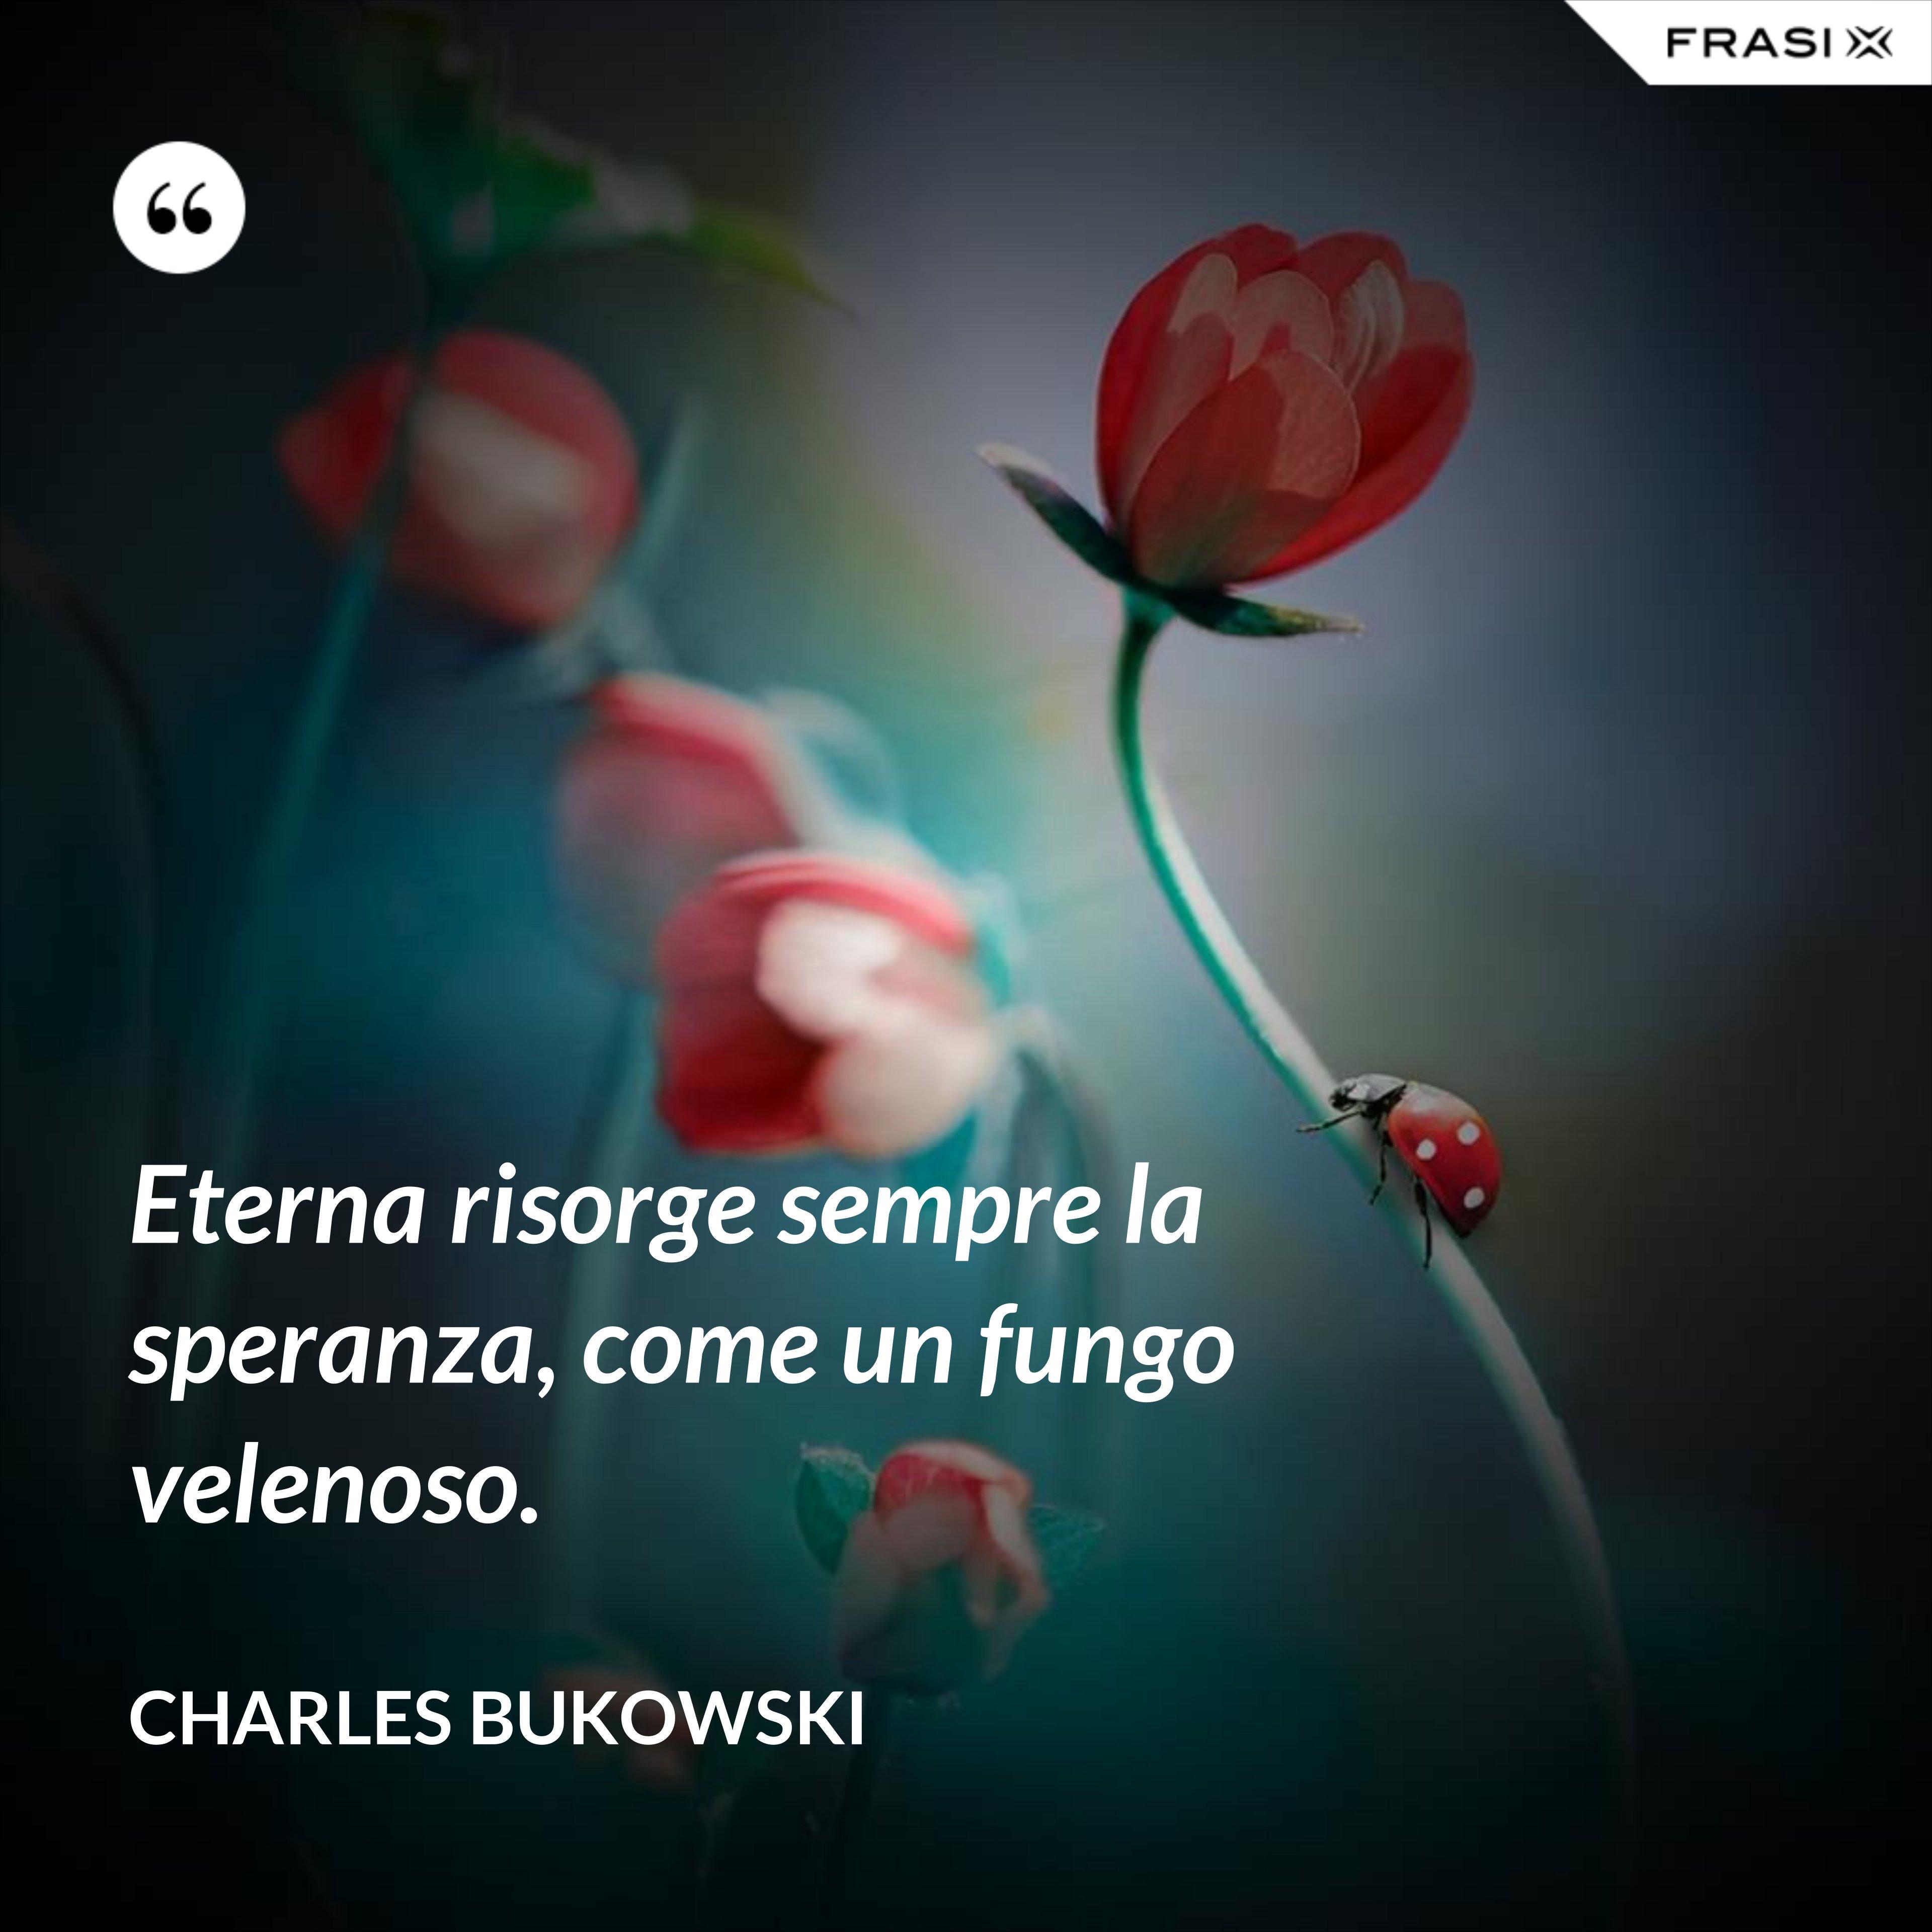 Eterna risorge sempre la speranza, come un fungo velenoso. - Charles Bukowski